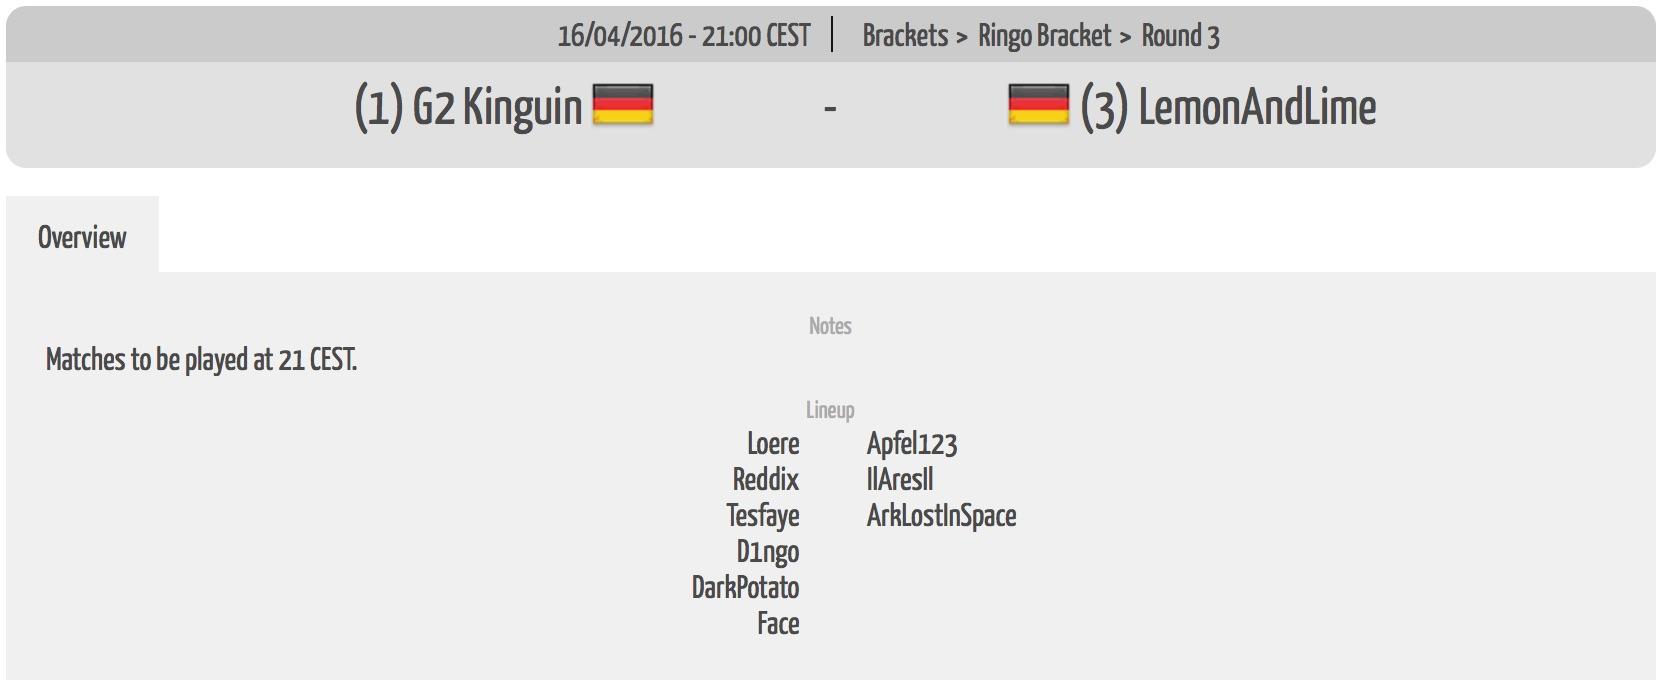 2016-04-16 Kinguin vs. LemonAndLime